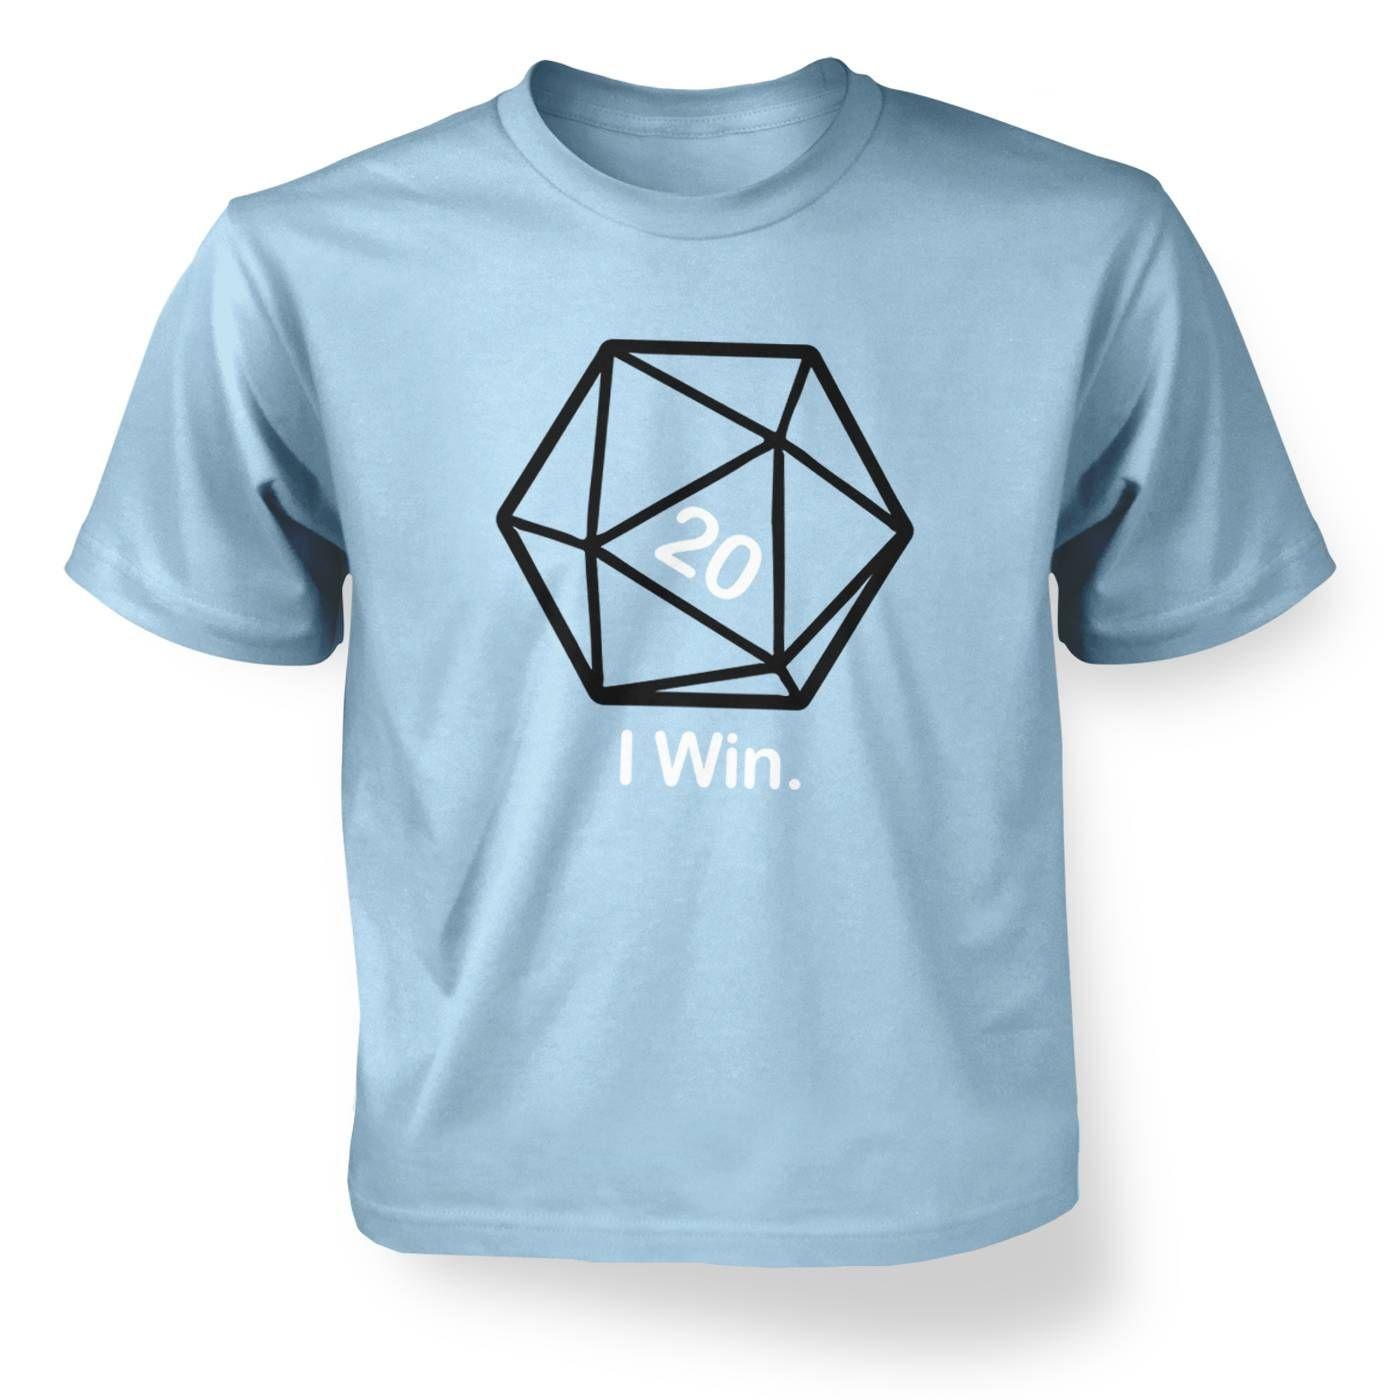 D20 I Win kids' t-shirt